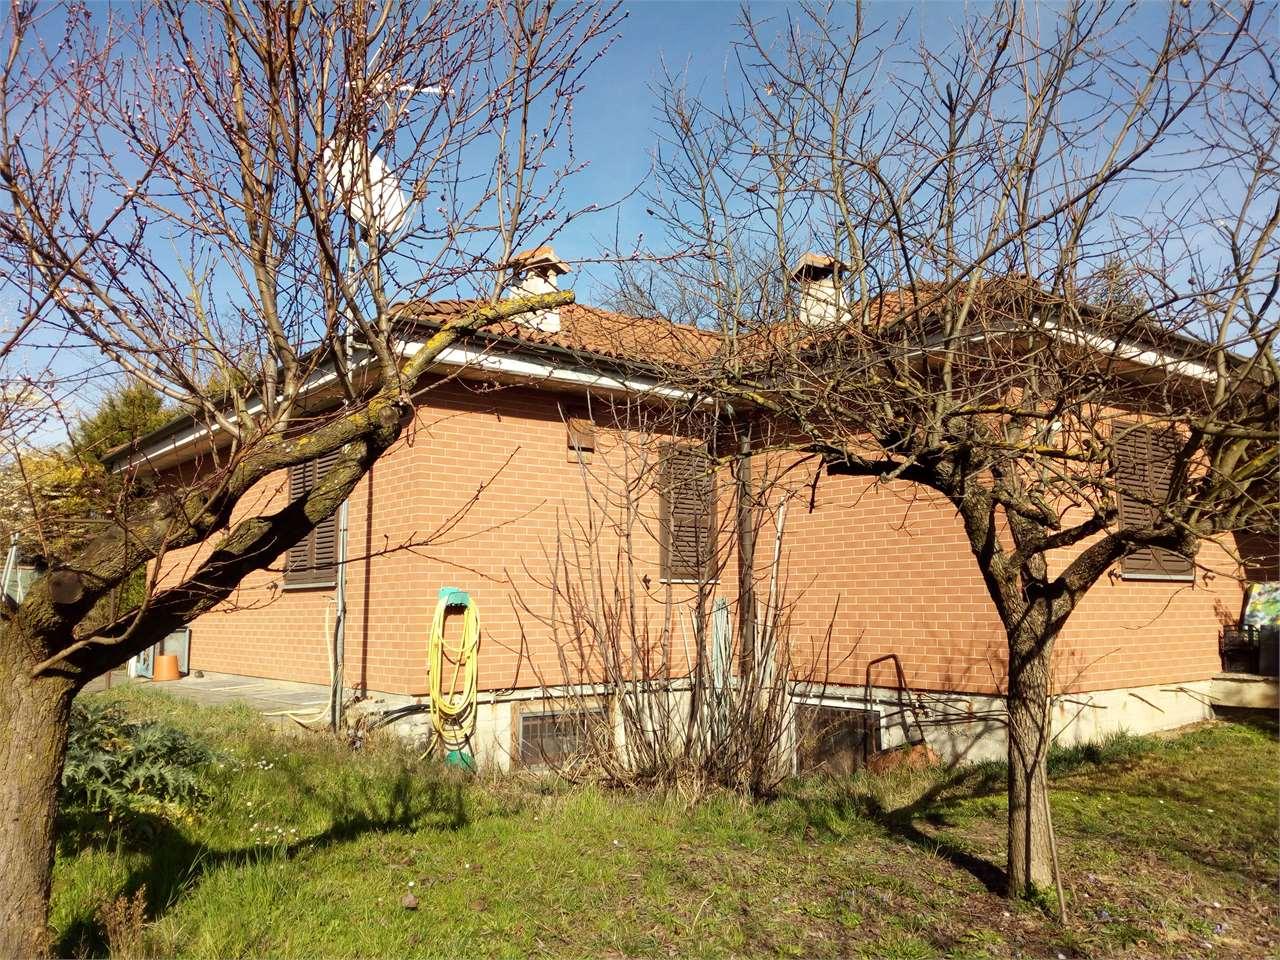 Villa in vendita a Pietra Marazzi, 7 locali, prezzo € 360.000 | PortaleAgenzieImmobiliari.it